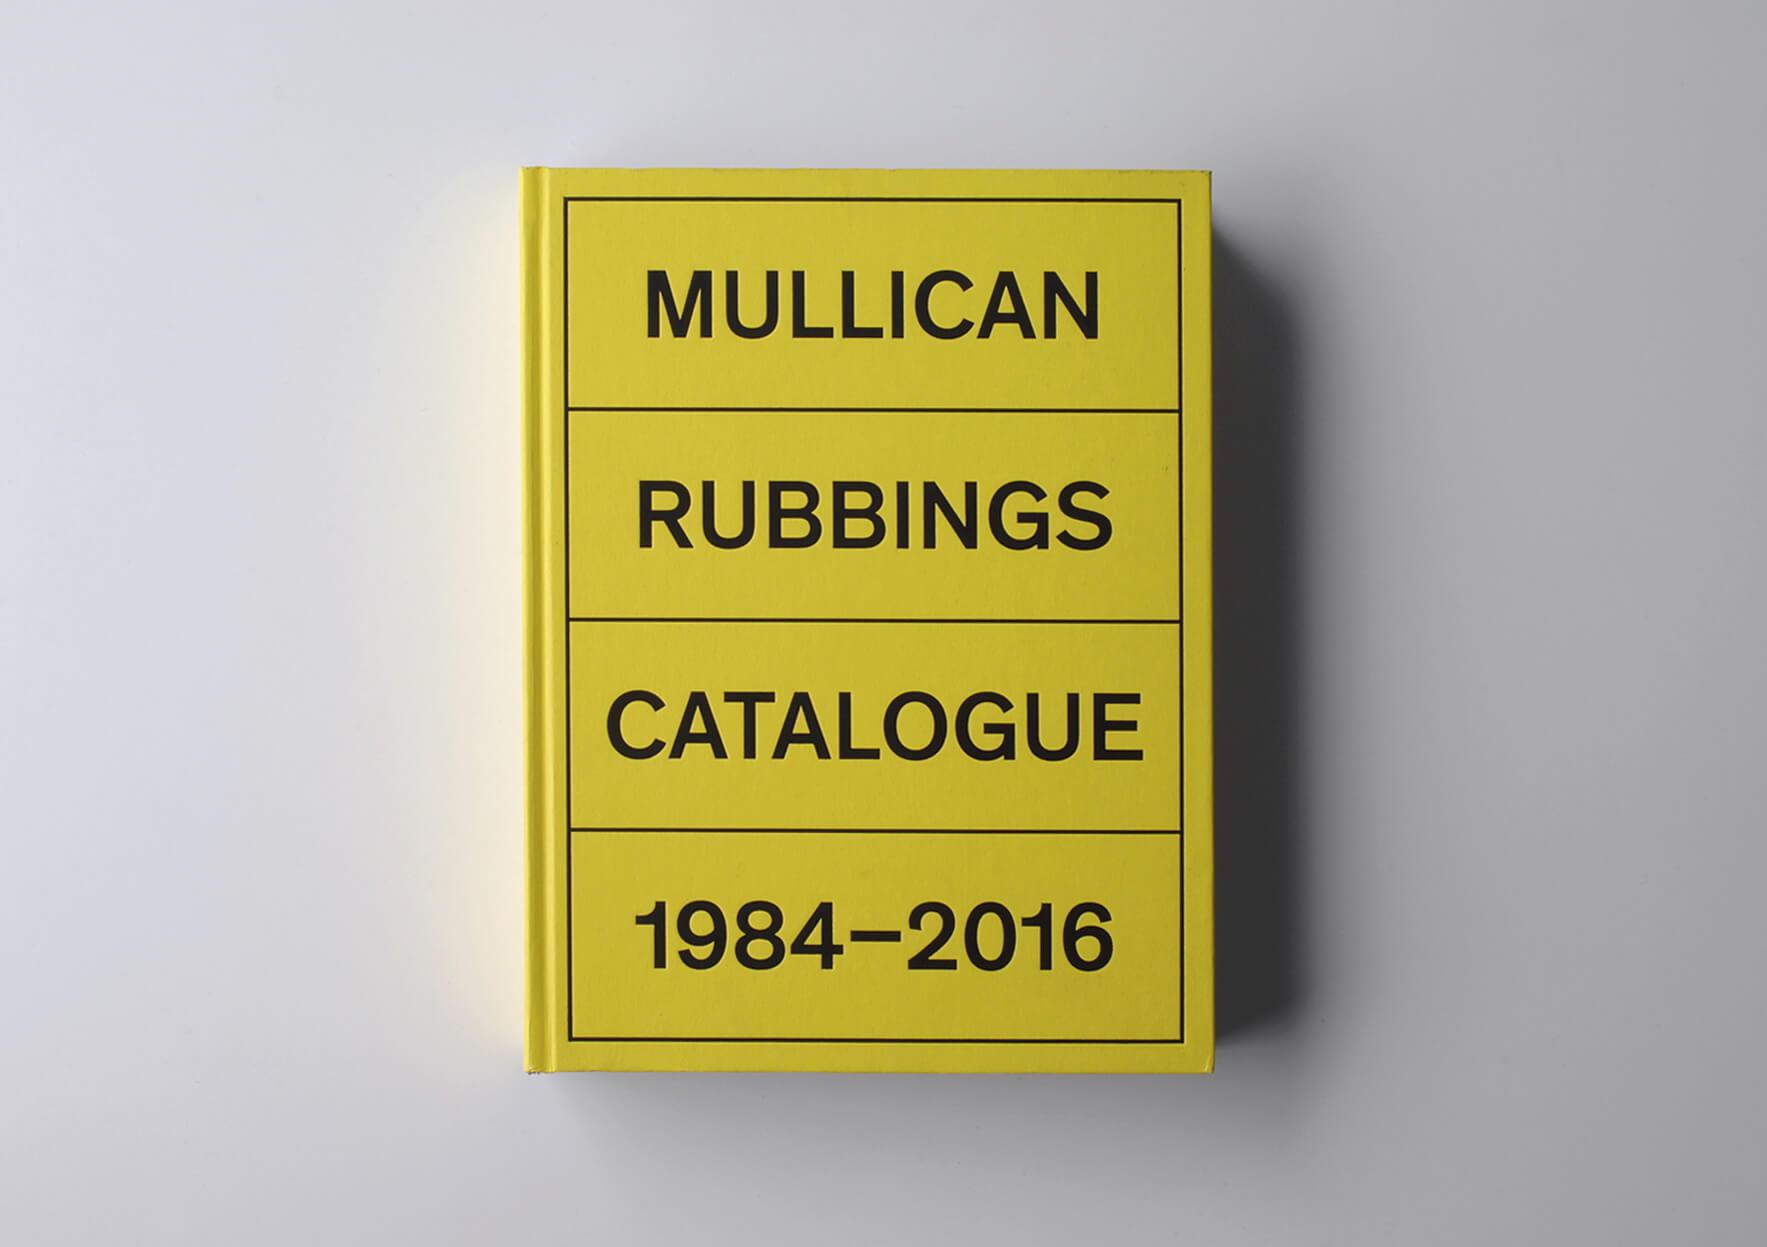 | Mullican Rubbings Catalogue 1984-2016 | ProjecteSD